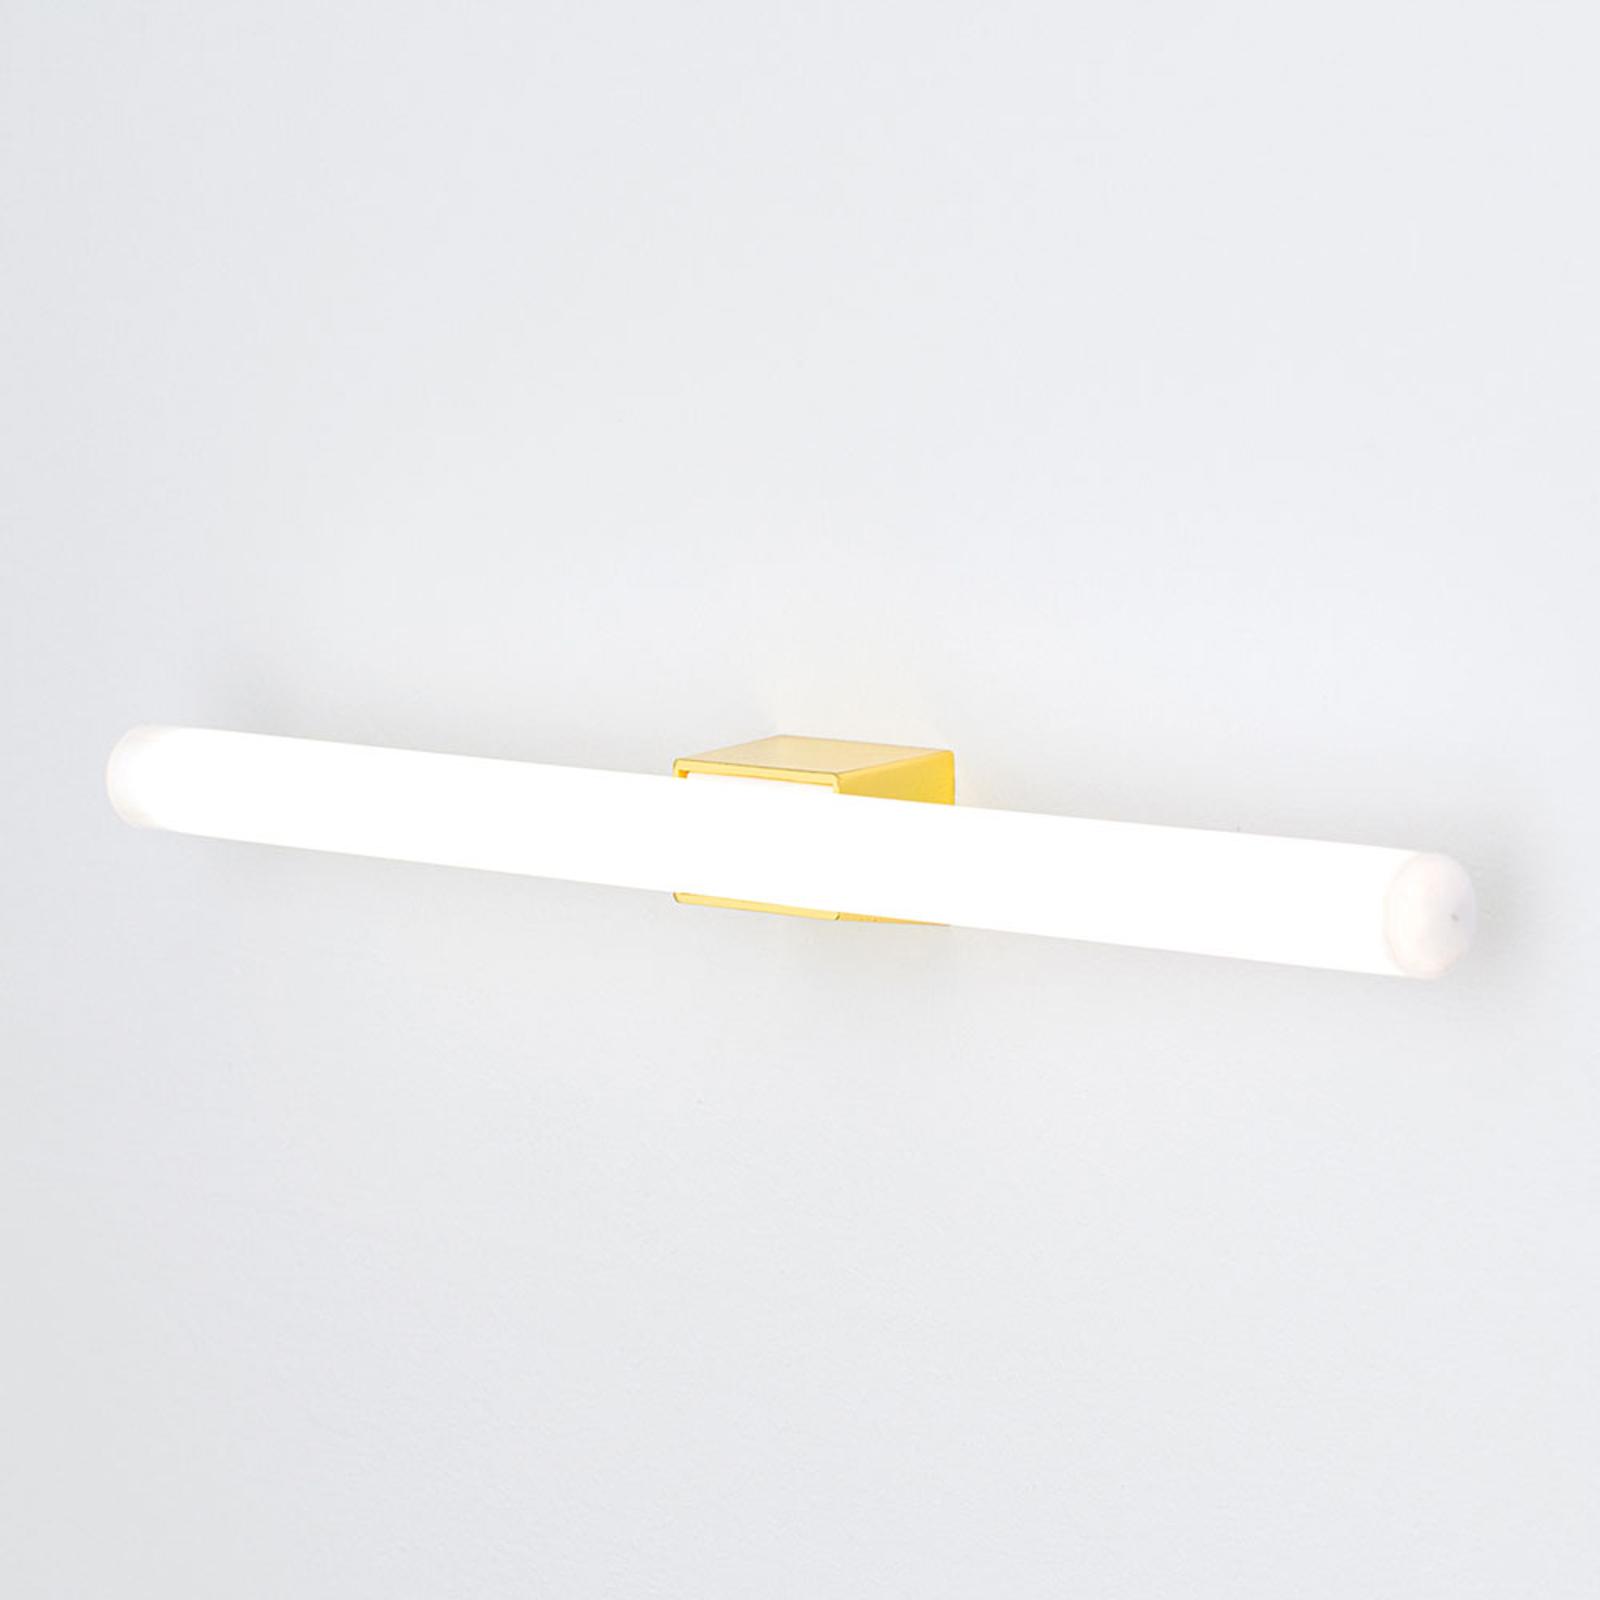 LED-spegellampa Visagist, mässingsfäste